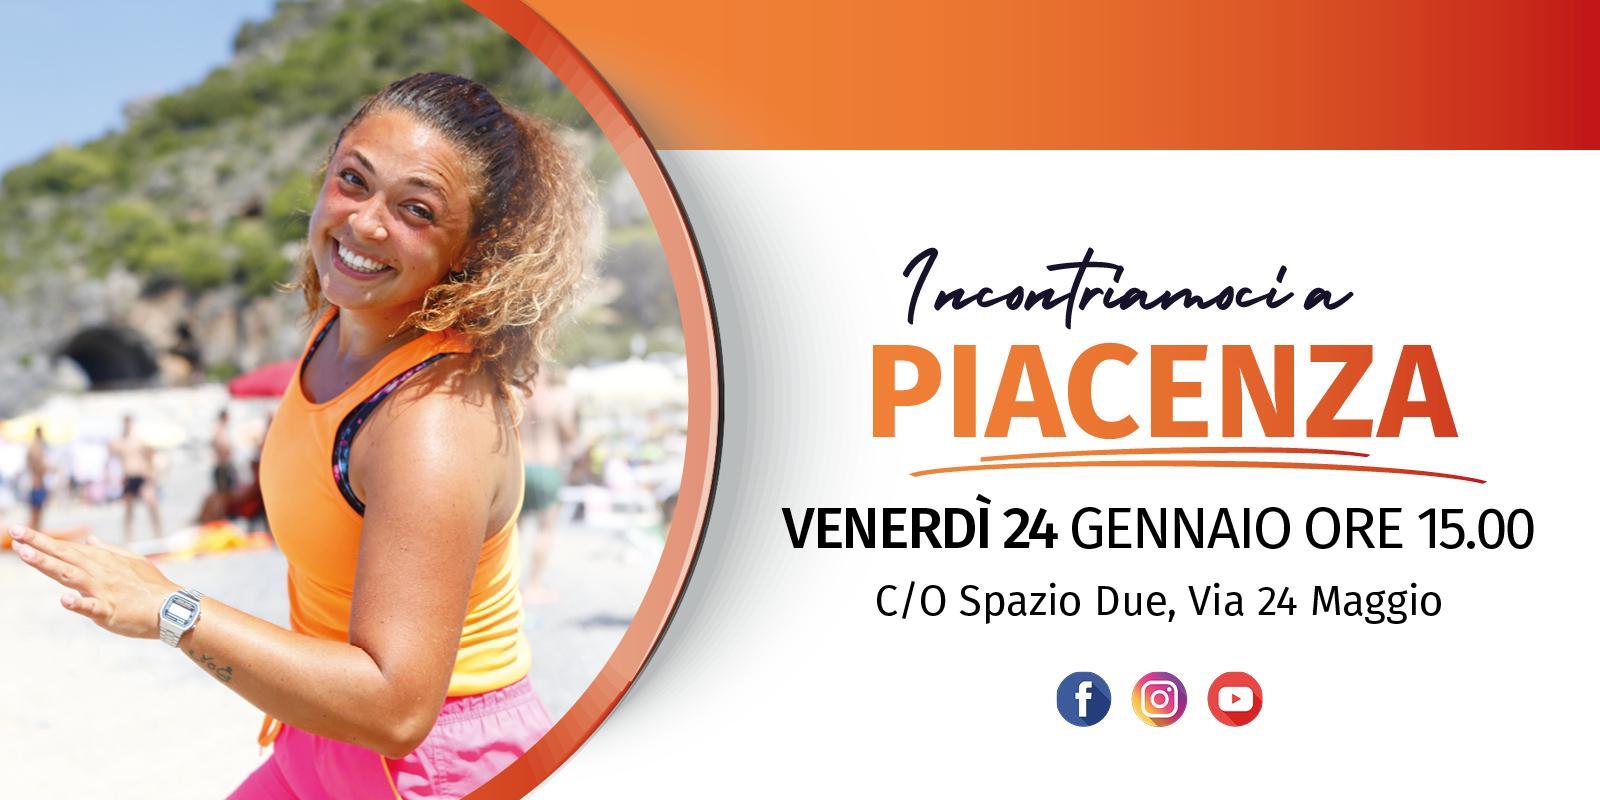 Jolly in tour, il 24 gennaio ti aspettiamo a Piacenza